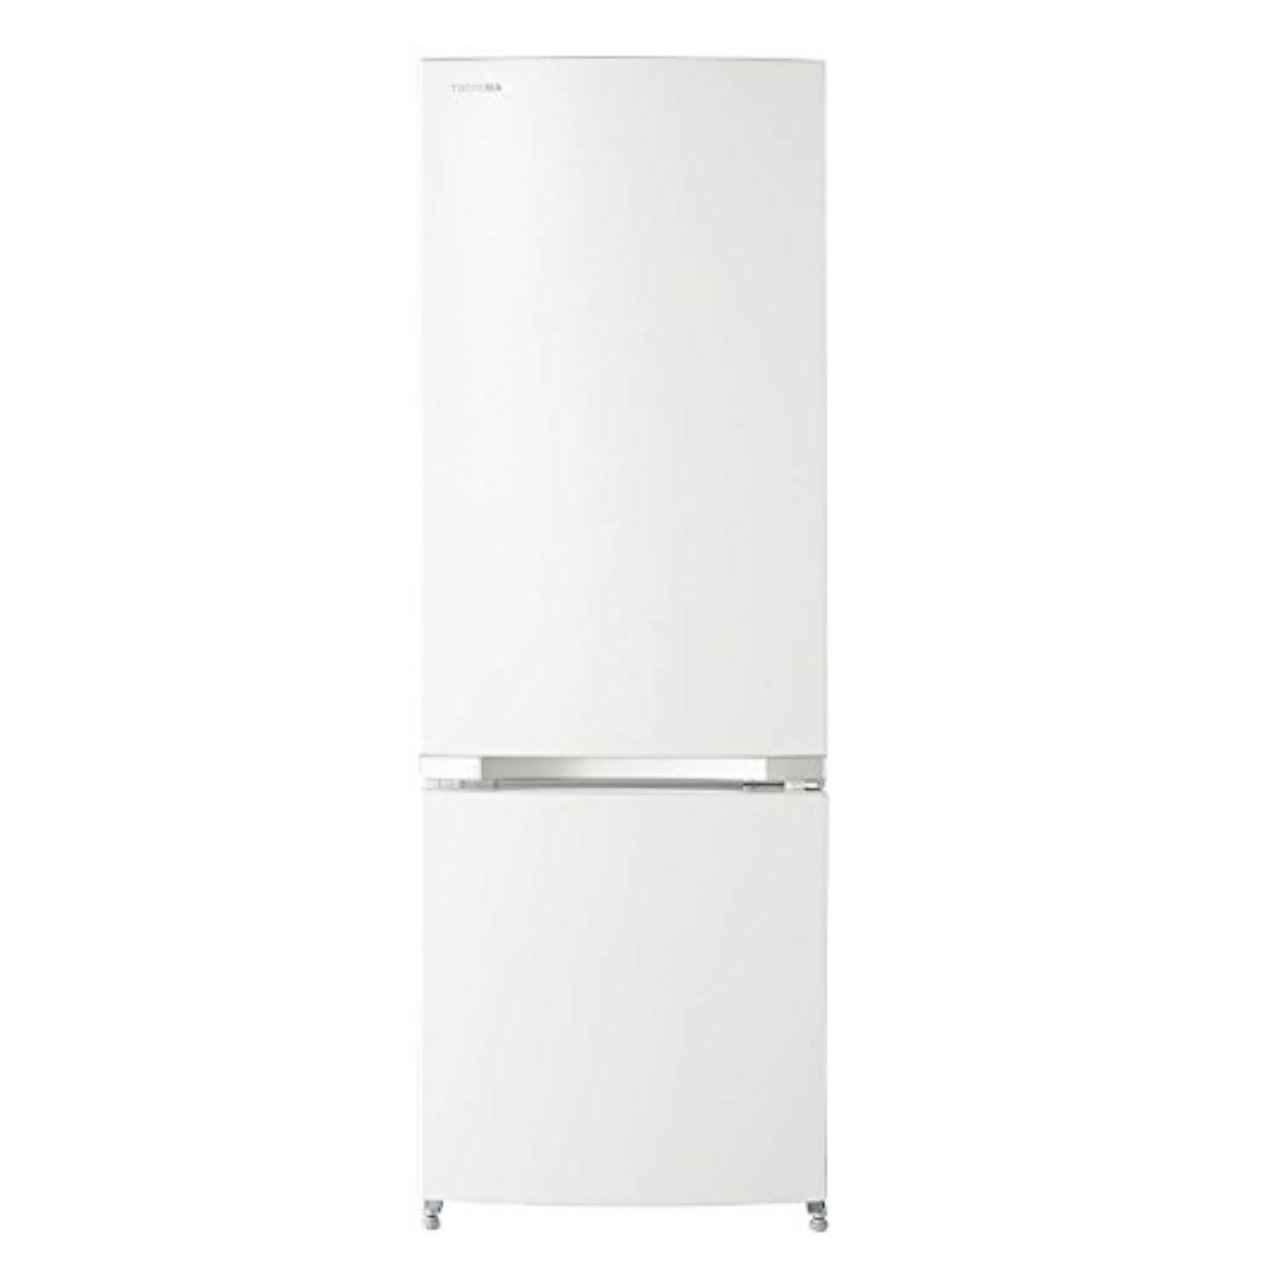 東芝GR-M17BS冷蔵庫